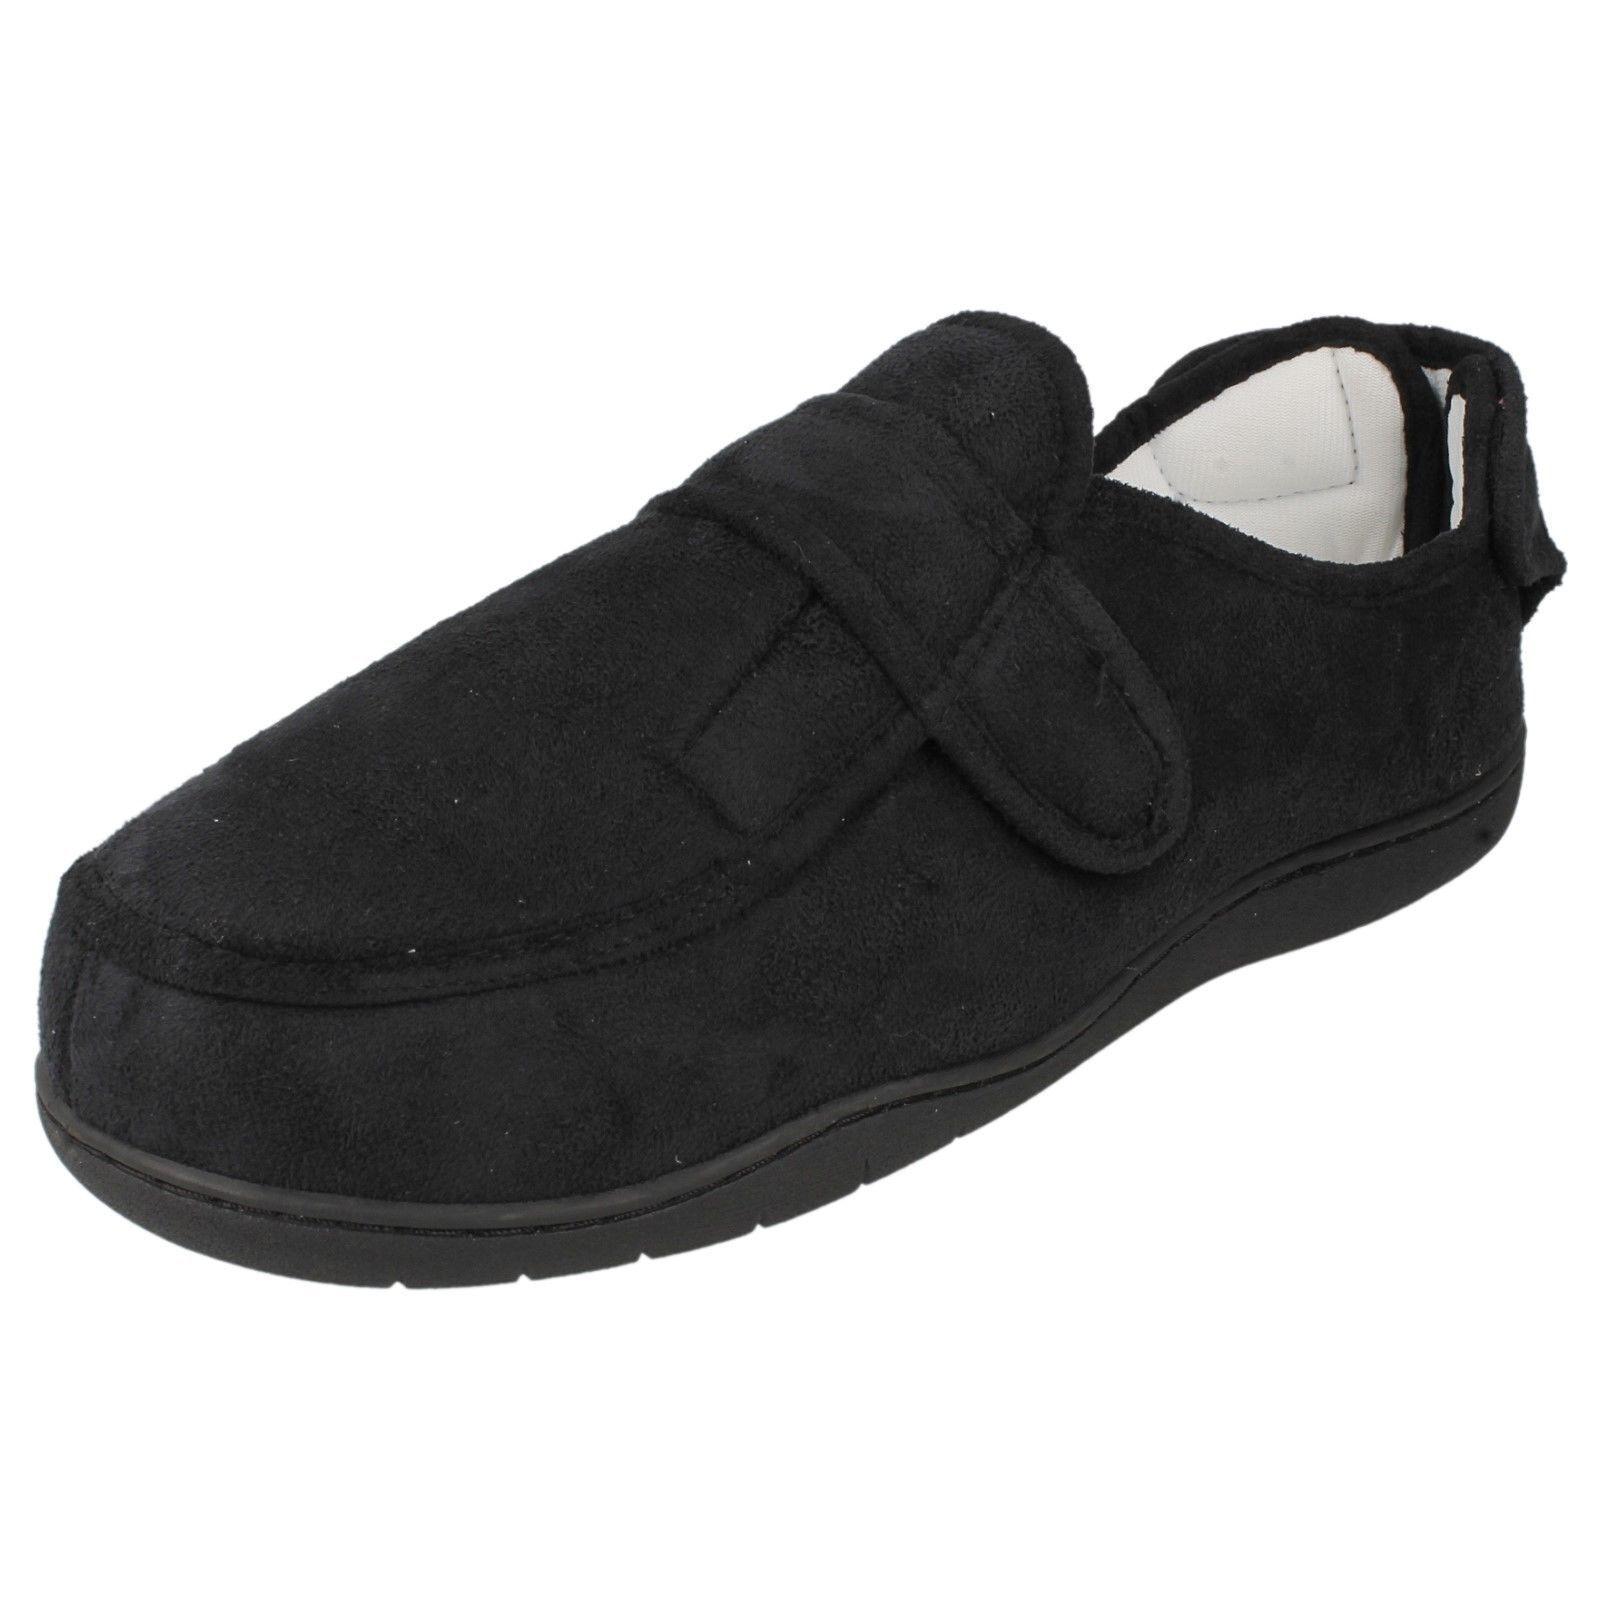 UNISEX NERO E FOAM Multicolore chiusura a strappo MEMORY FOAM E pantofole scarpe d47012